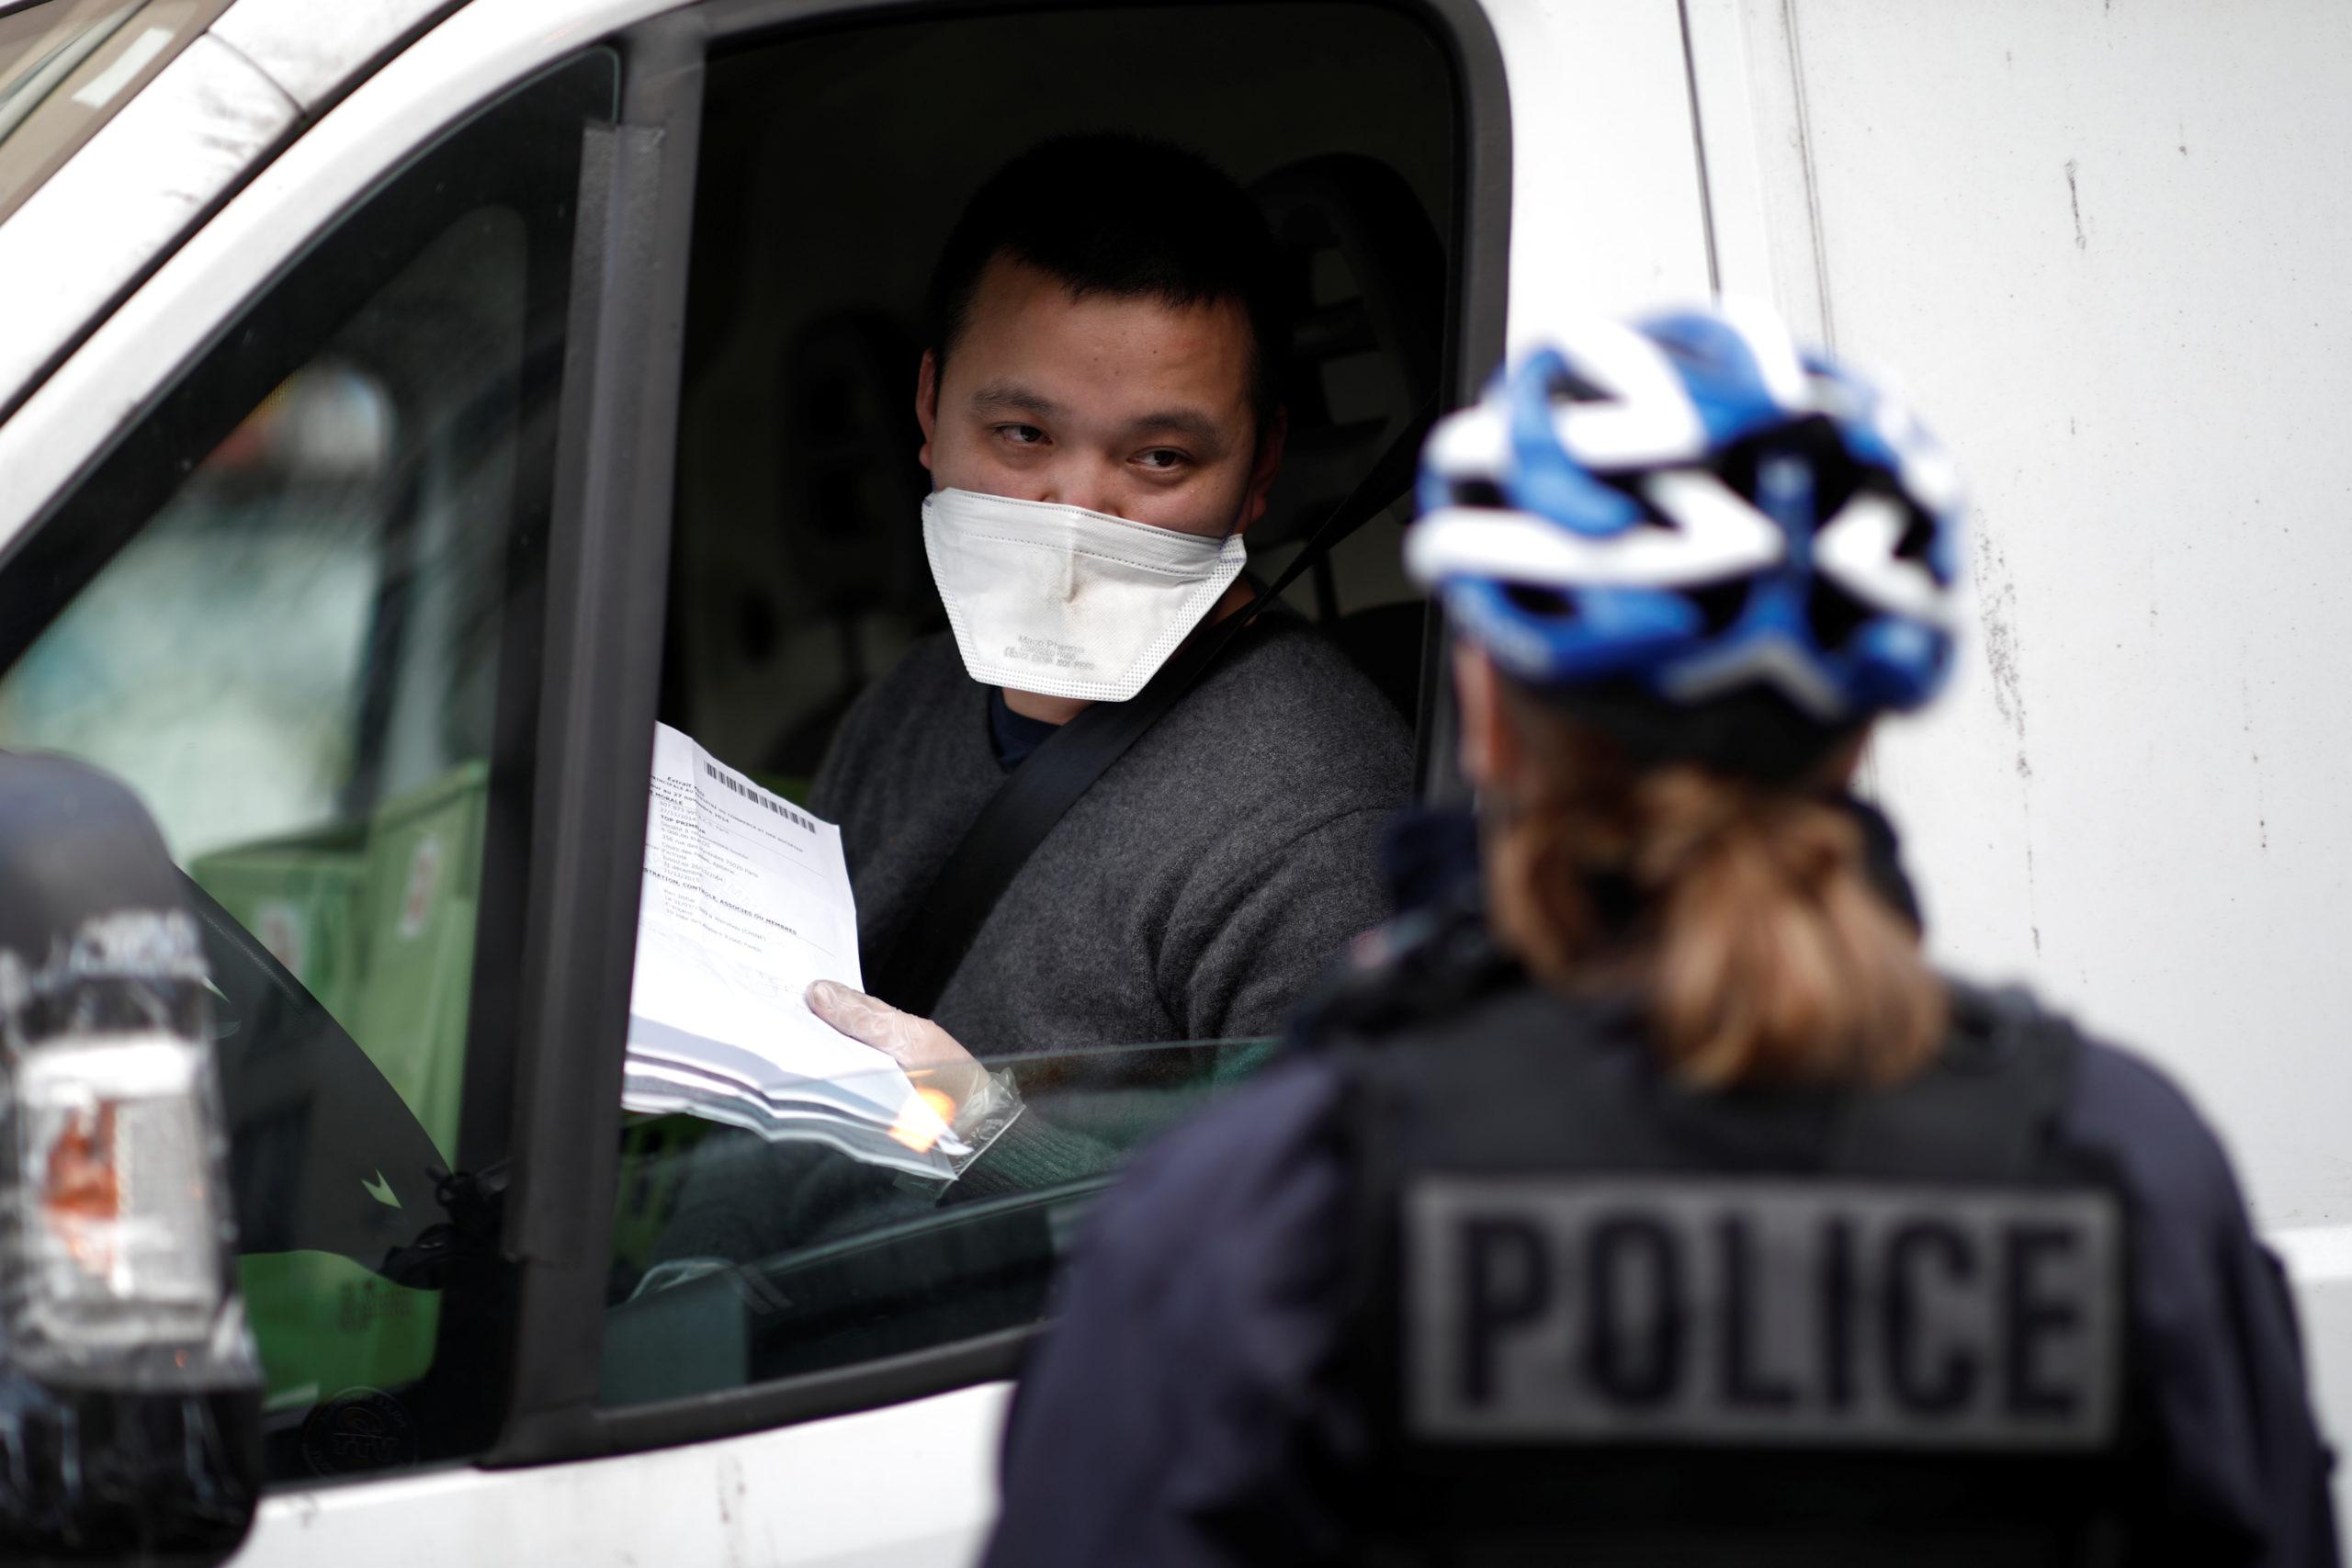 La police inflige des amendes confinement